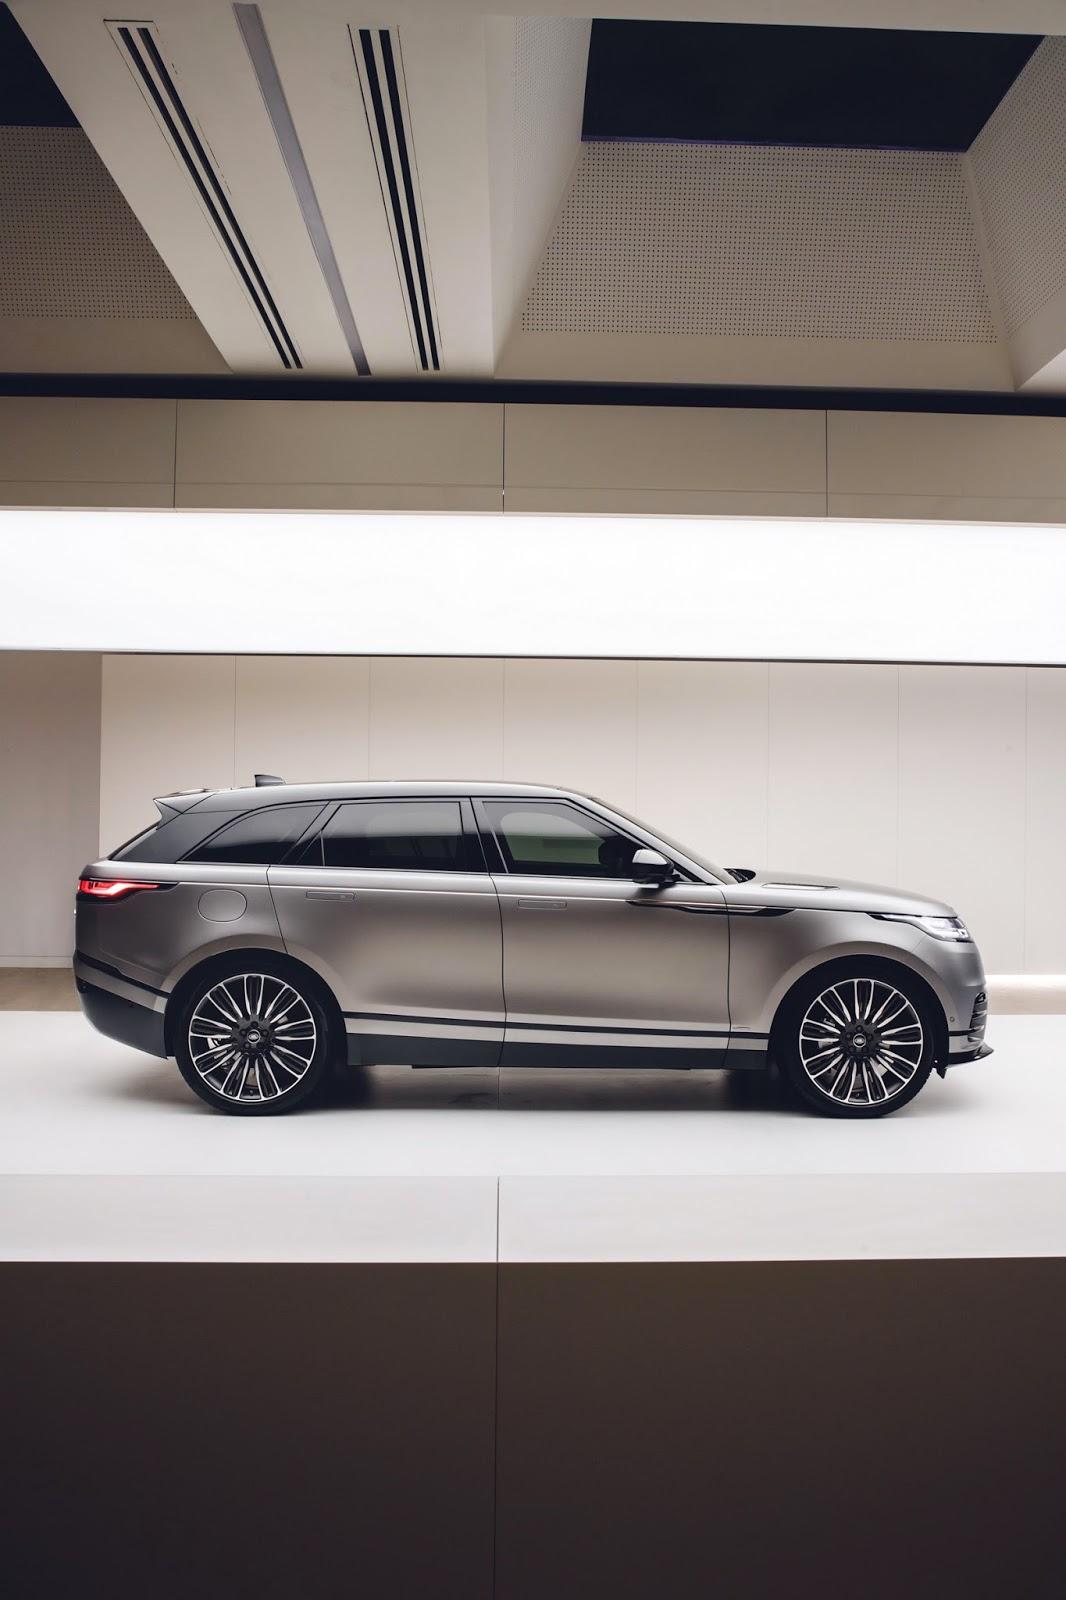 Range Rover Velar in Geneva 2017 (50)